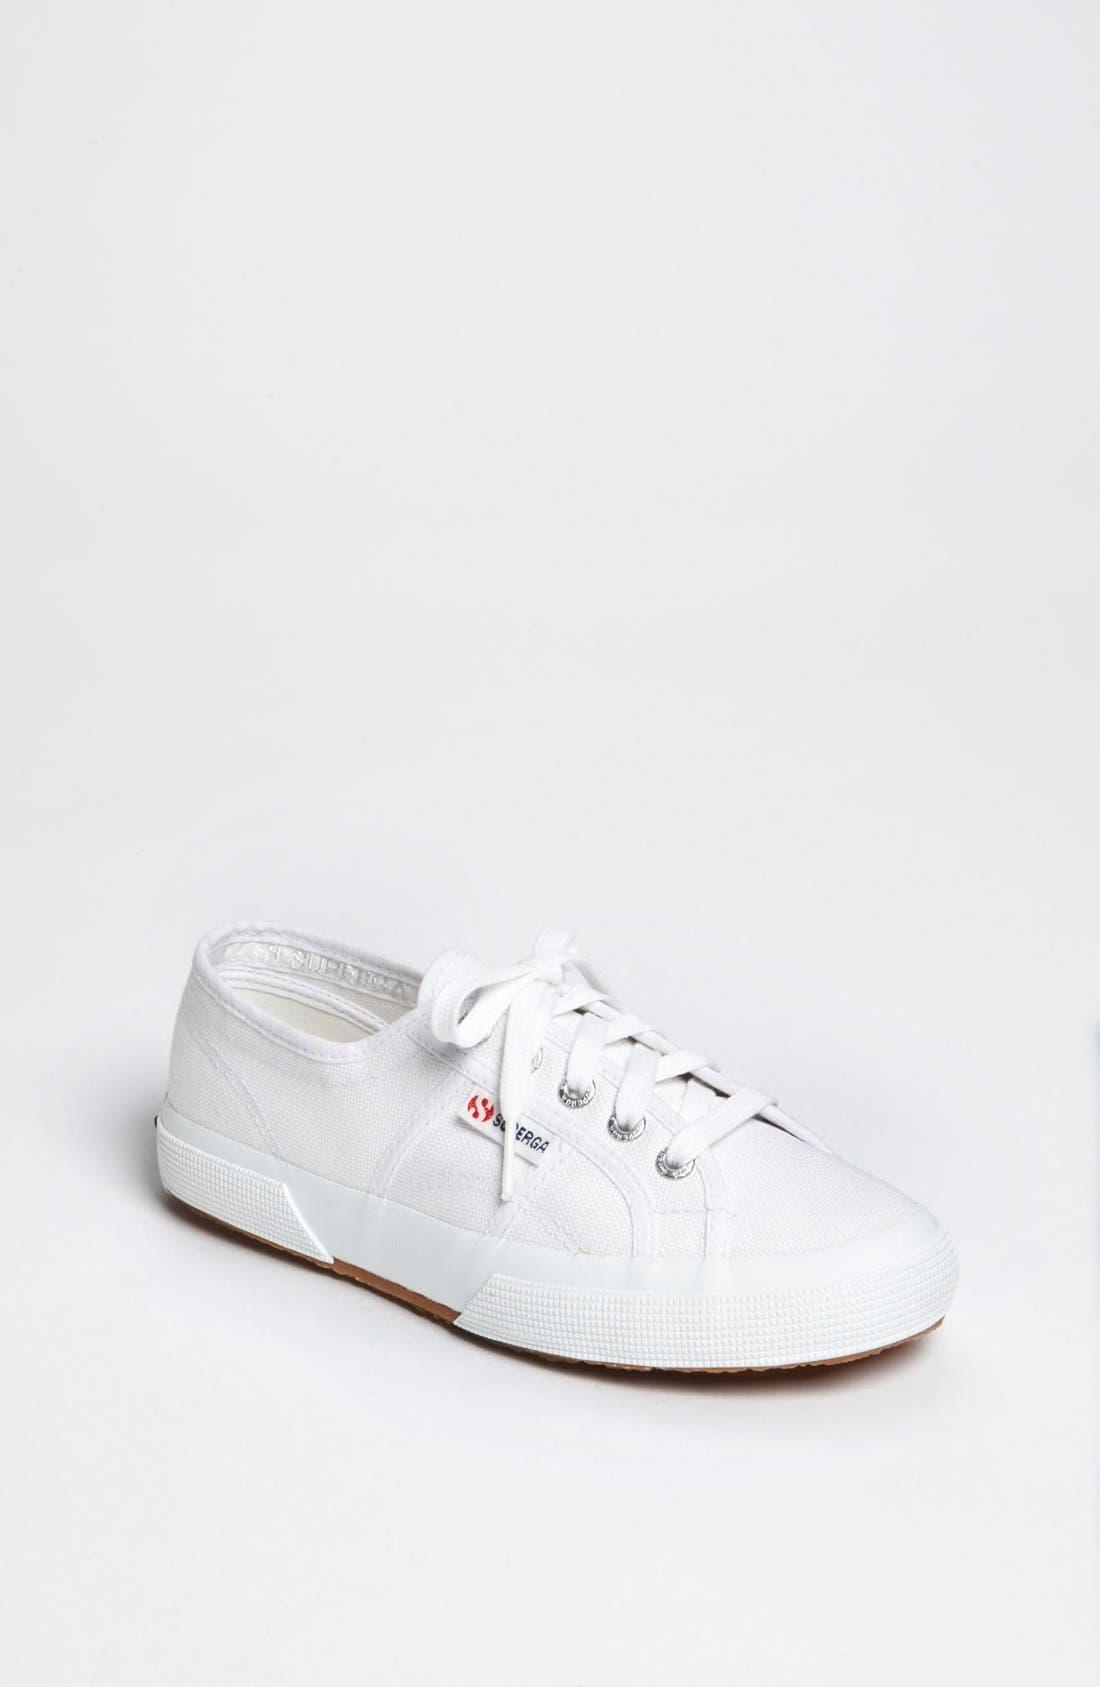 Main Image - Superga 'Cotu' Sneaker (Women)